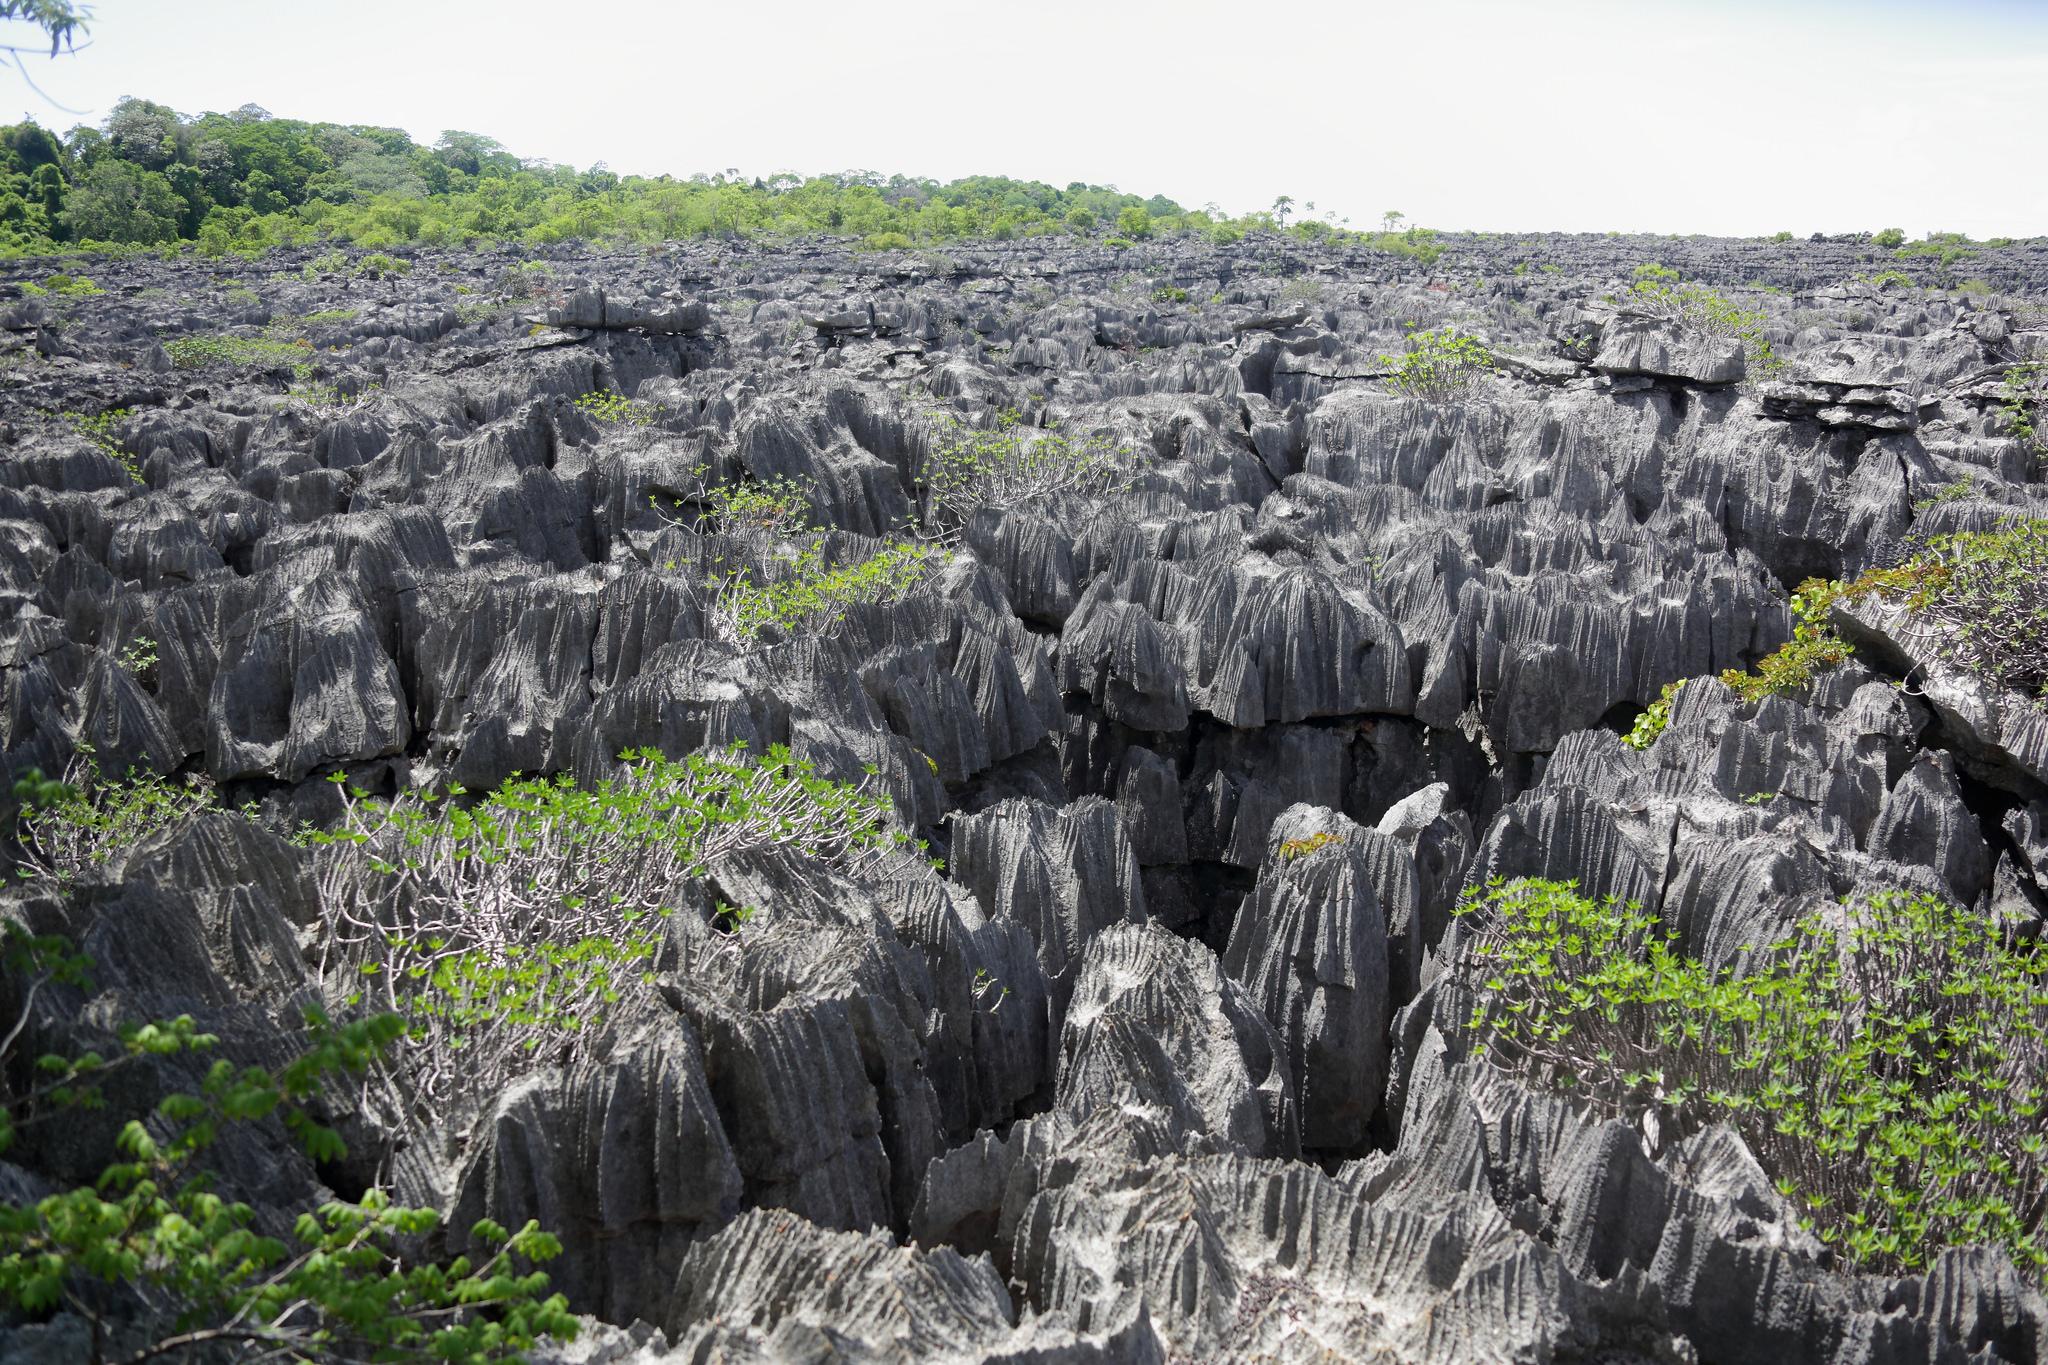 réserve spéciale ankarana tsingy madagascar